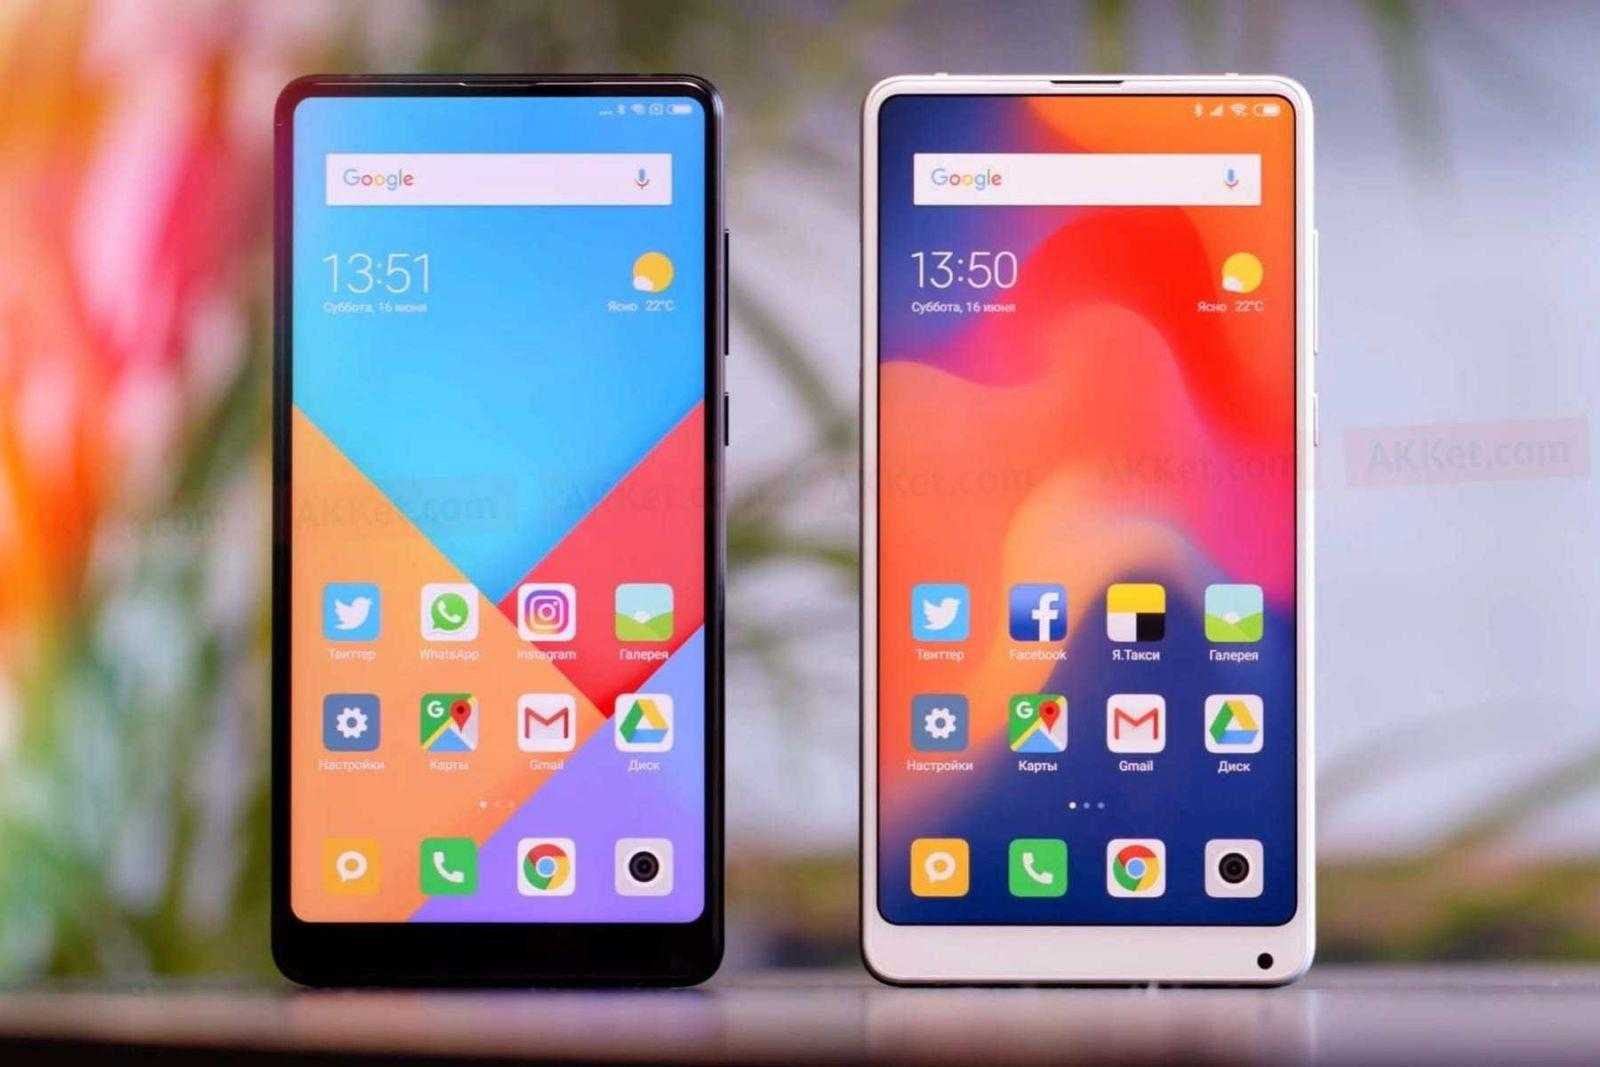 Список смартфонов Xiaomi, которые до конца года получат MIUI 10 (xiaomi miui 10 11)